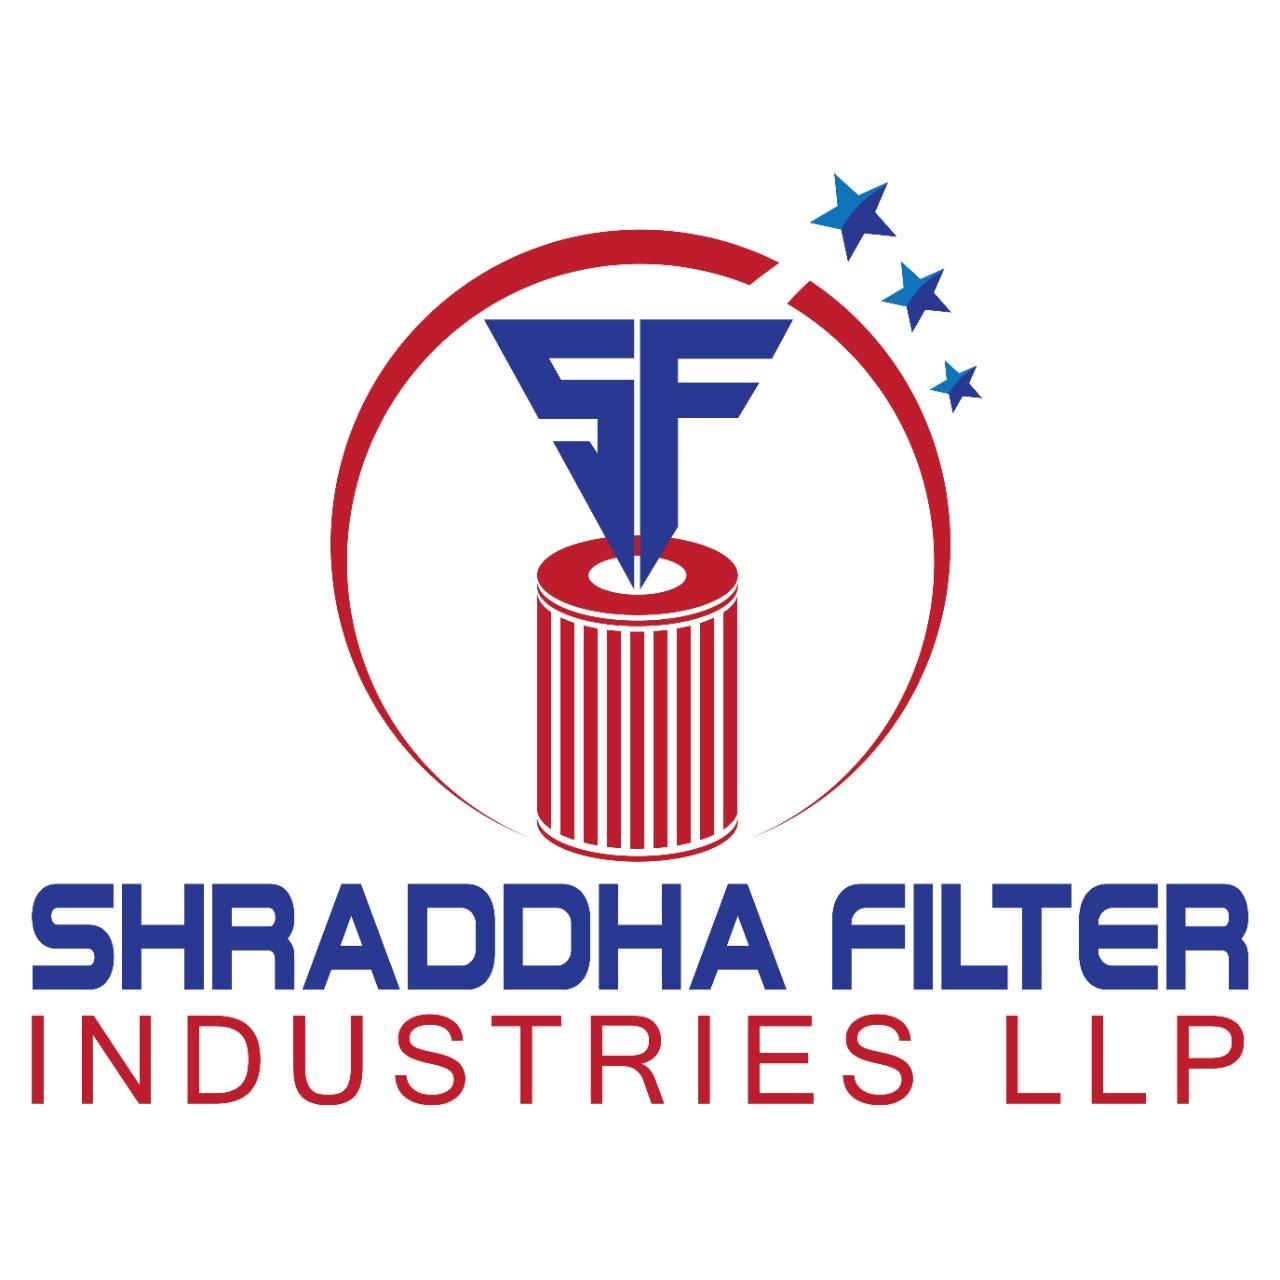 SHRADDHA FILTER INDUSTRIES LLP